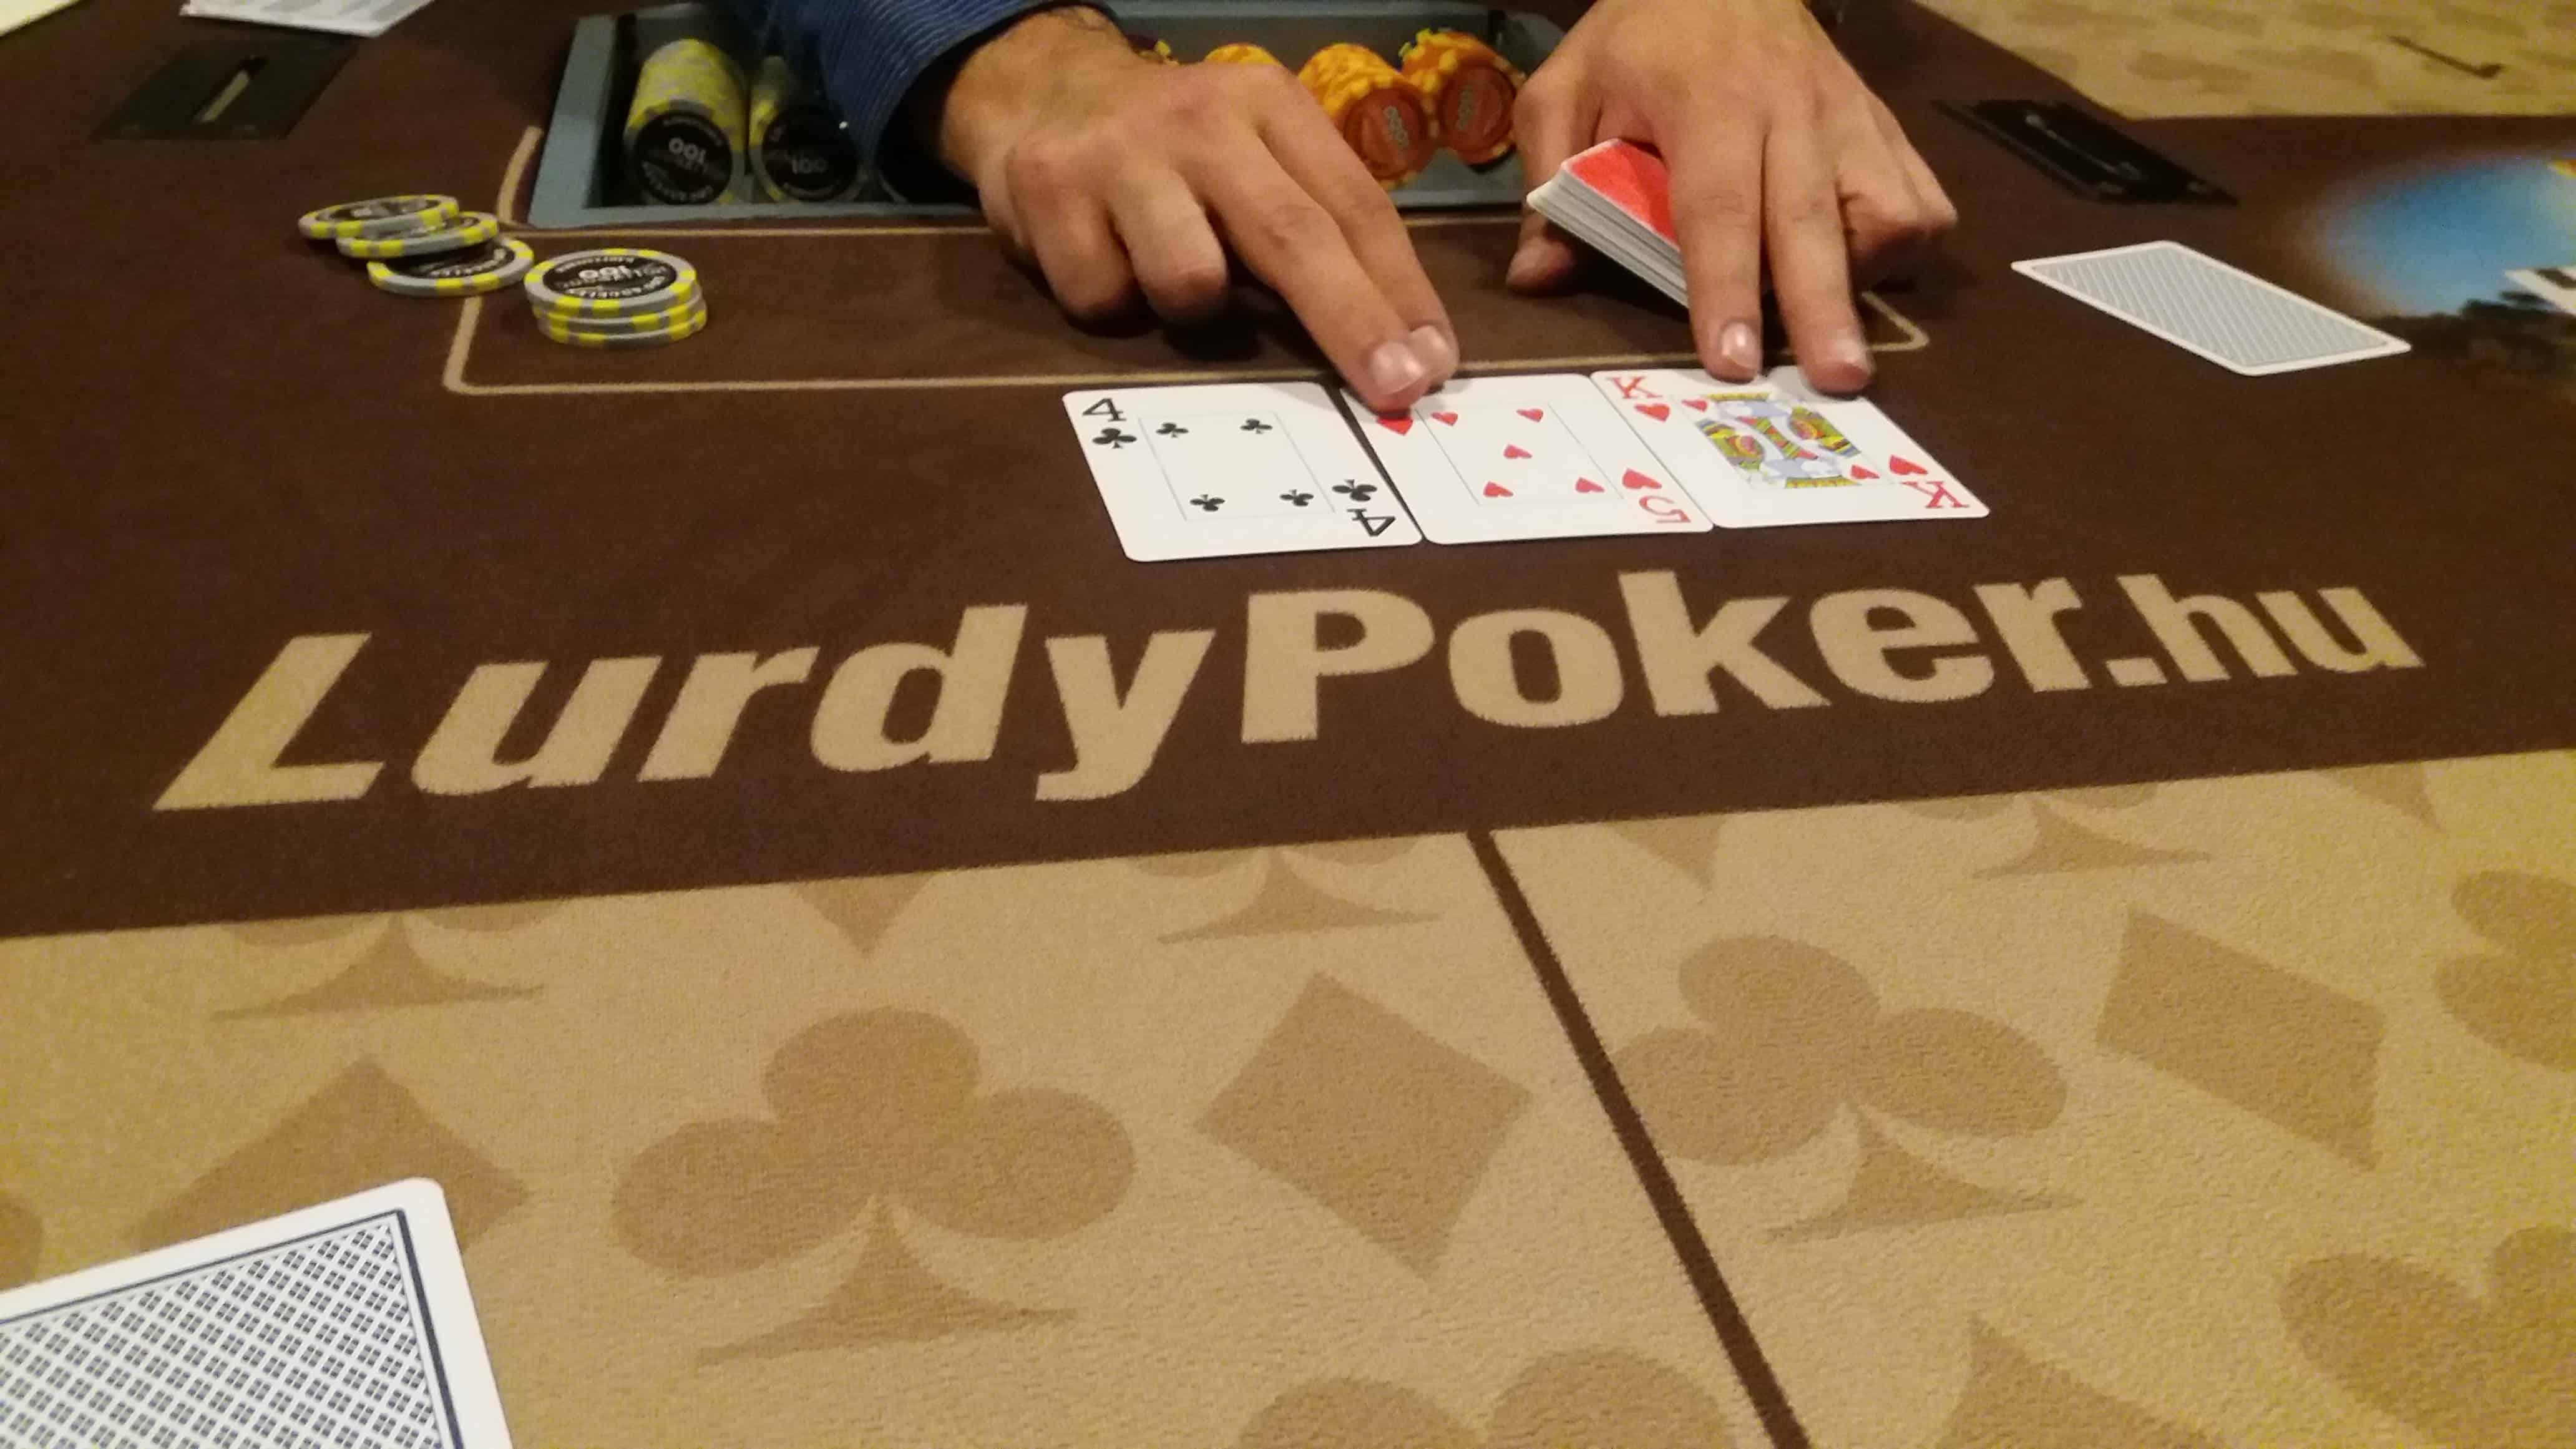 Új neked a póker? Ismerkedj meg a verseny alapjaival! Mit jelent a rebuy, addon, freezout…?